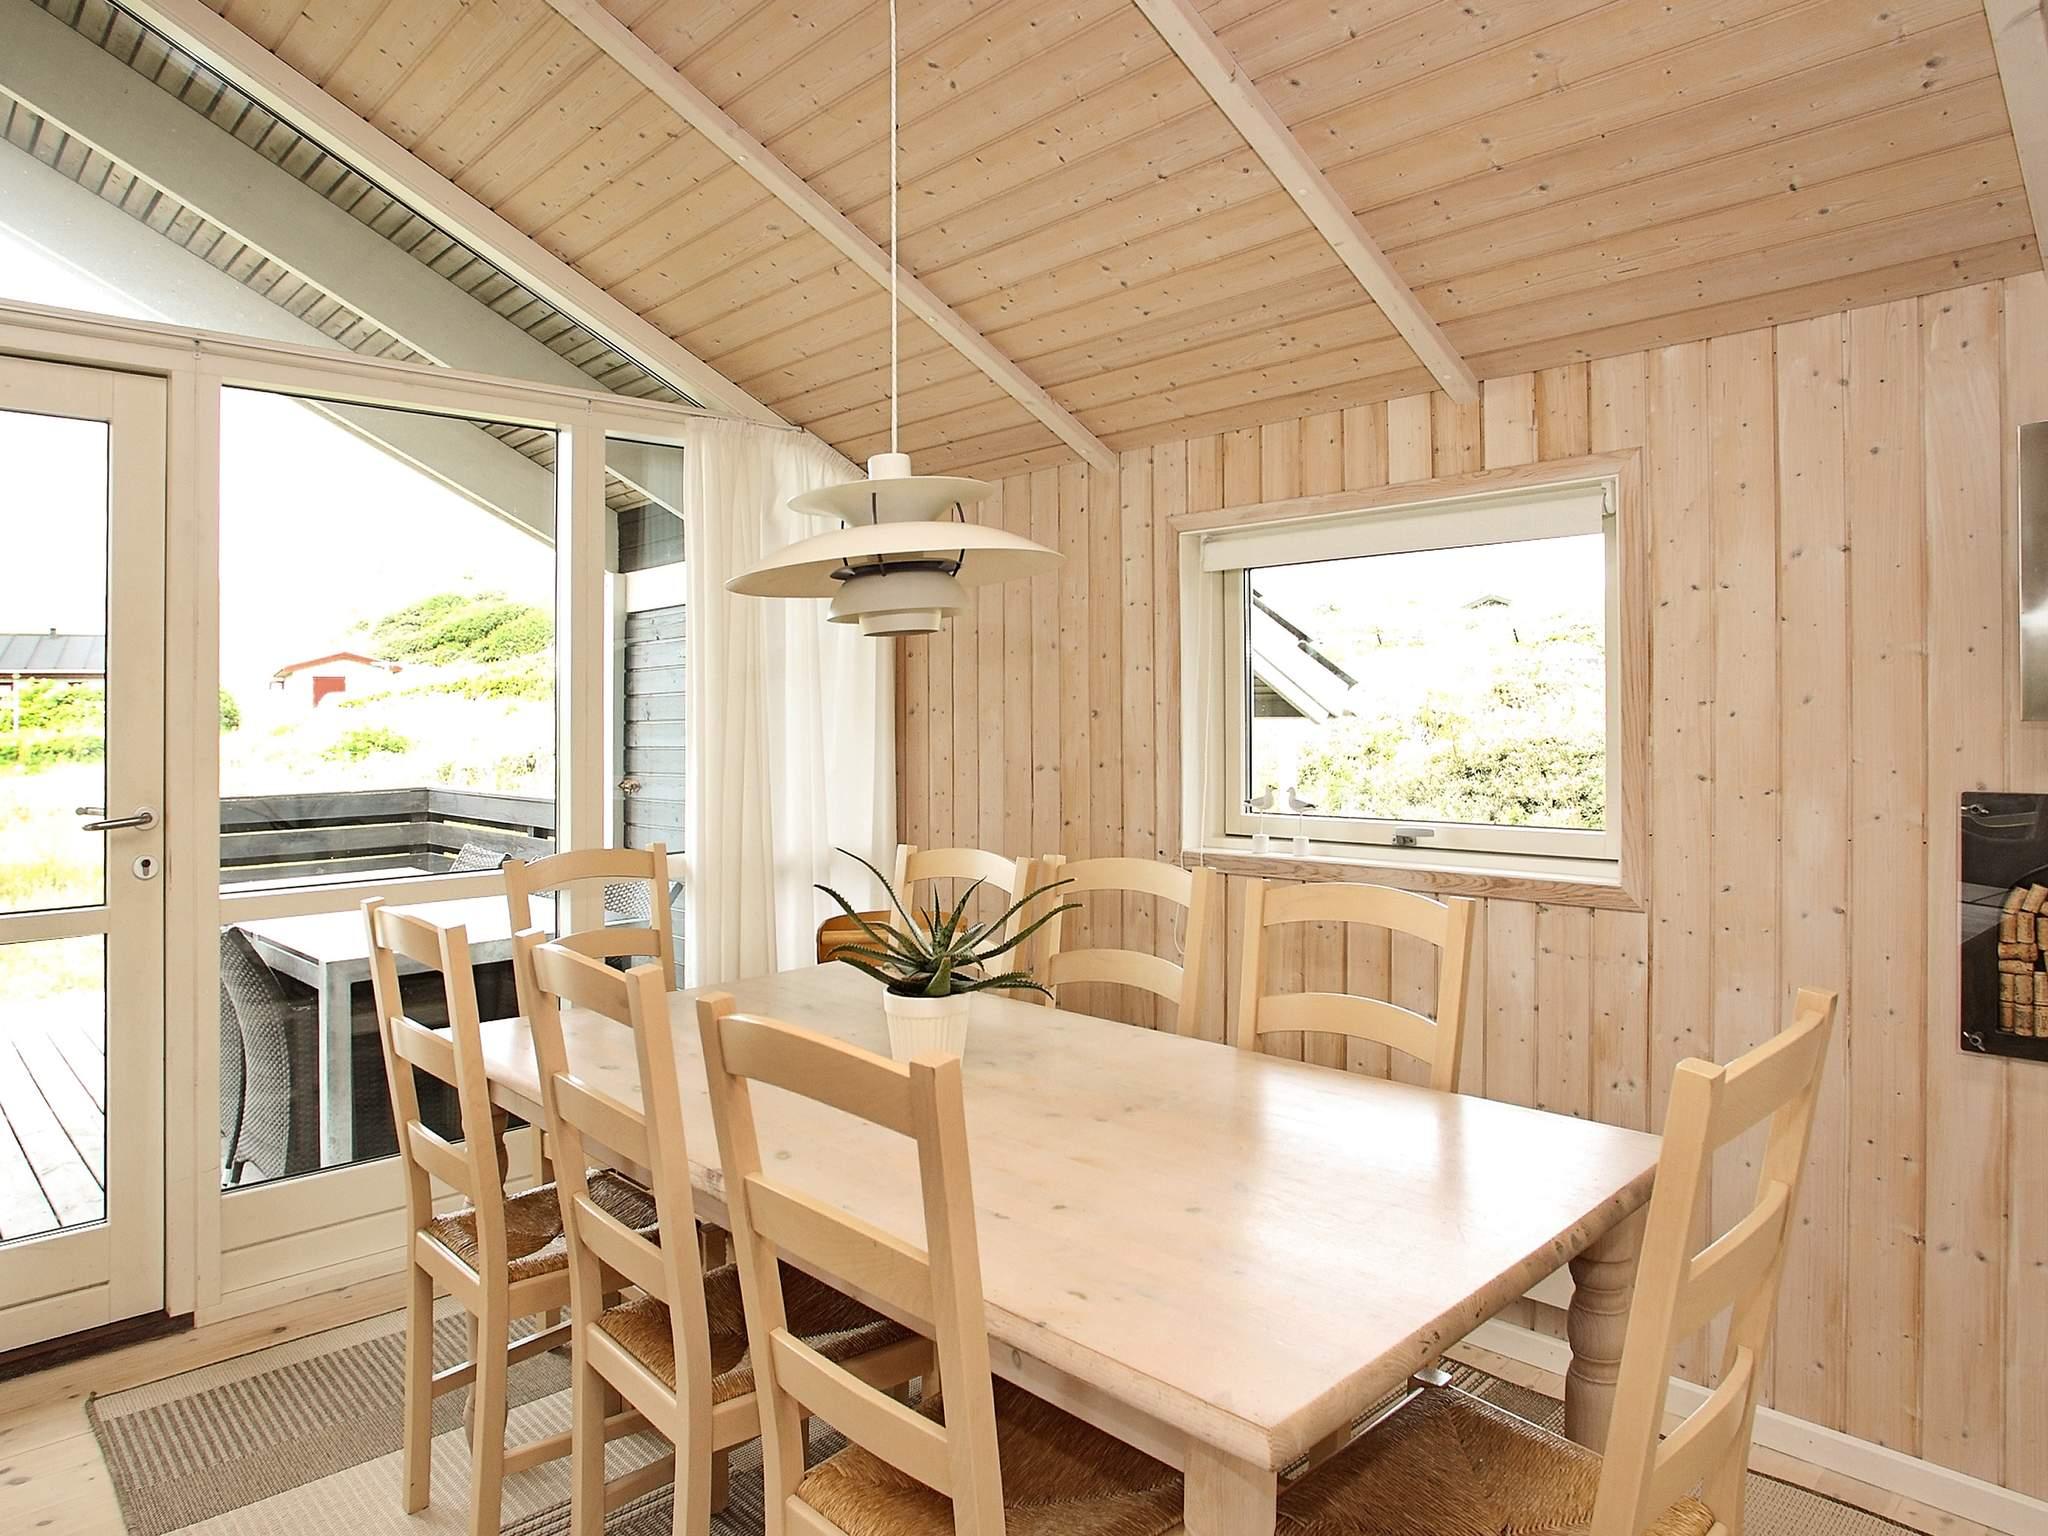 Ferienhaus Løkken (84530), Løkken, , Nordwestjütland, Dänemark, Bild 3